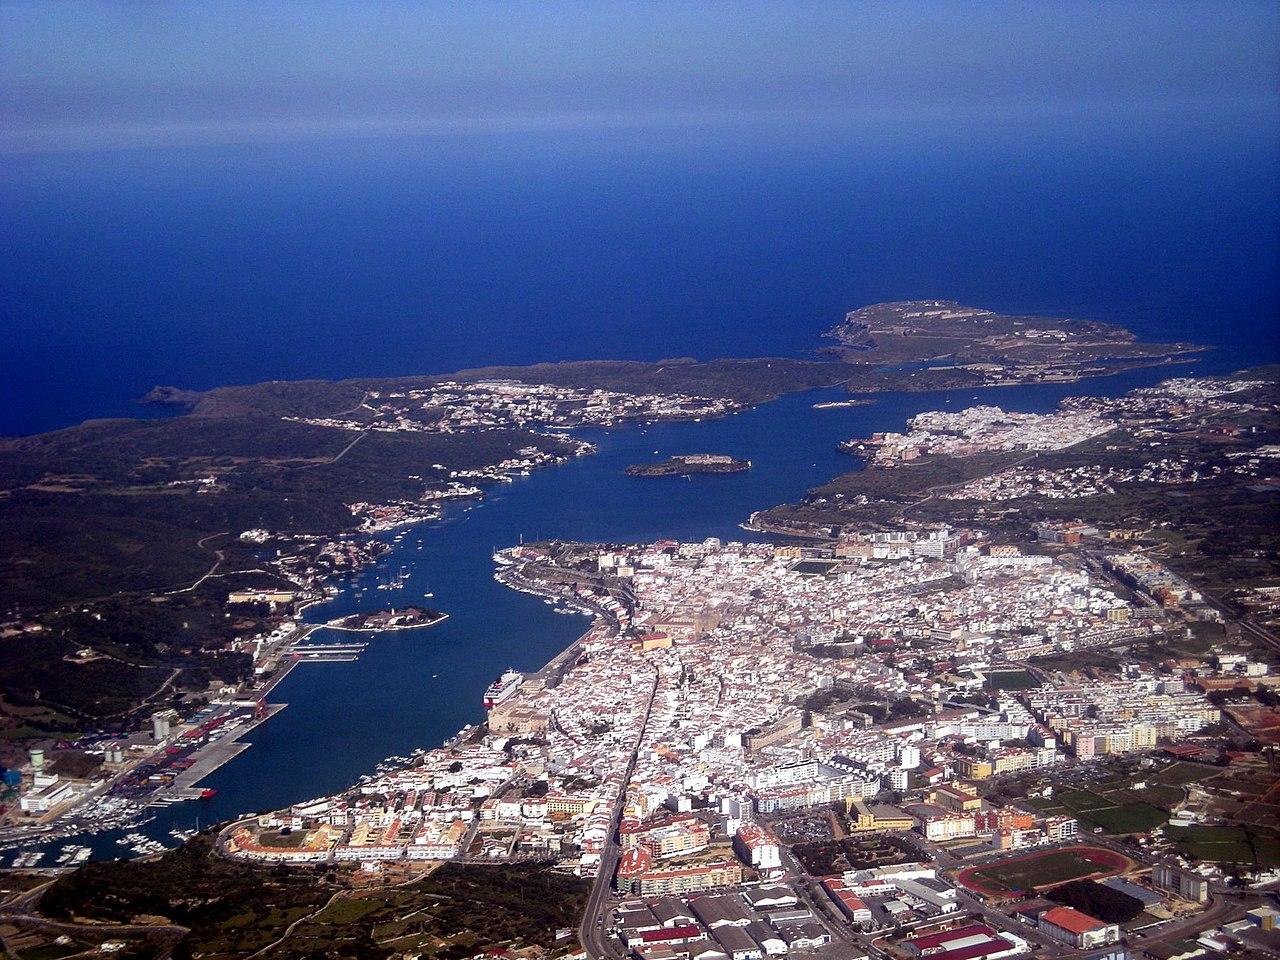 El puerto y la ciudad de Mahón desde el aire